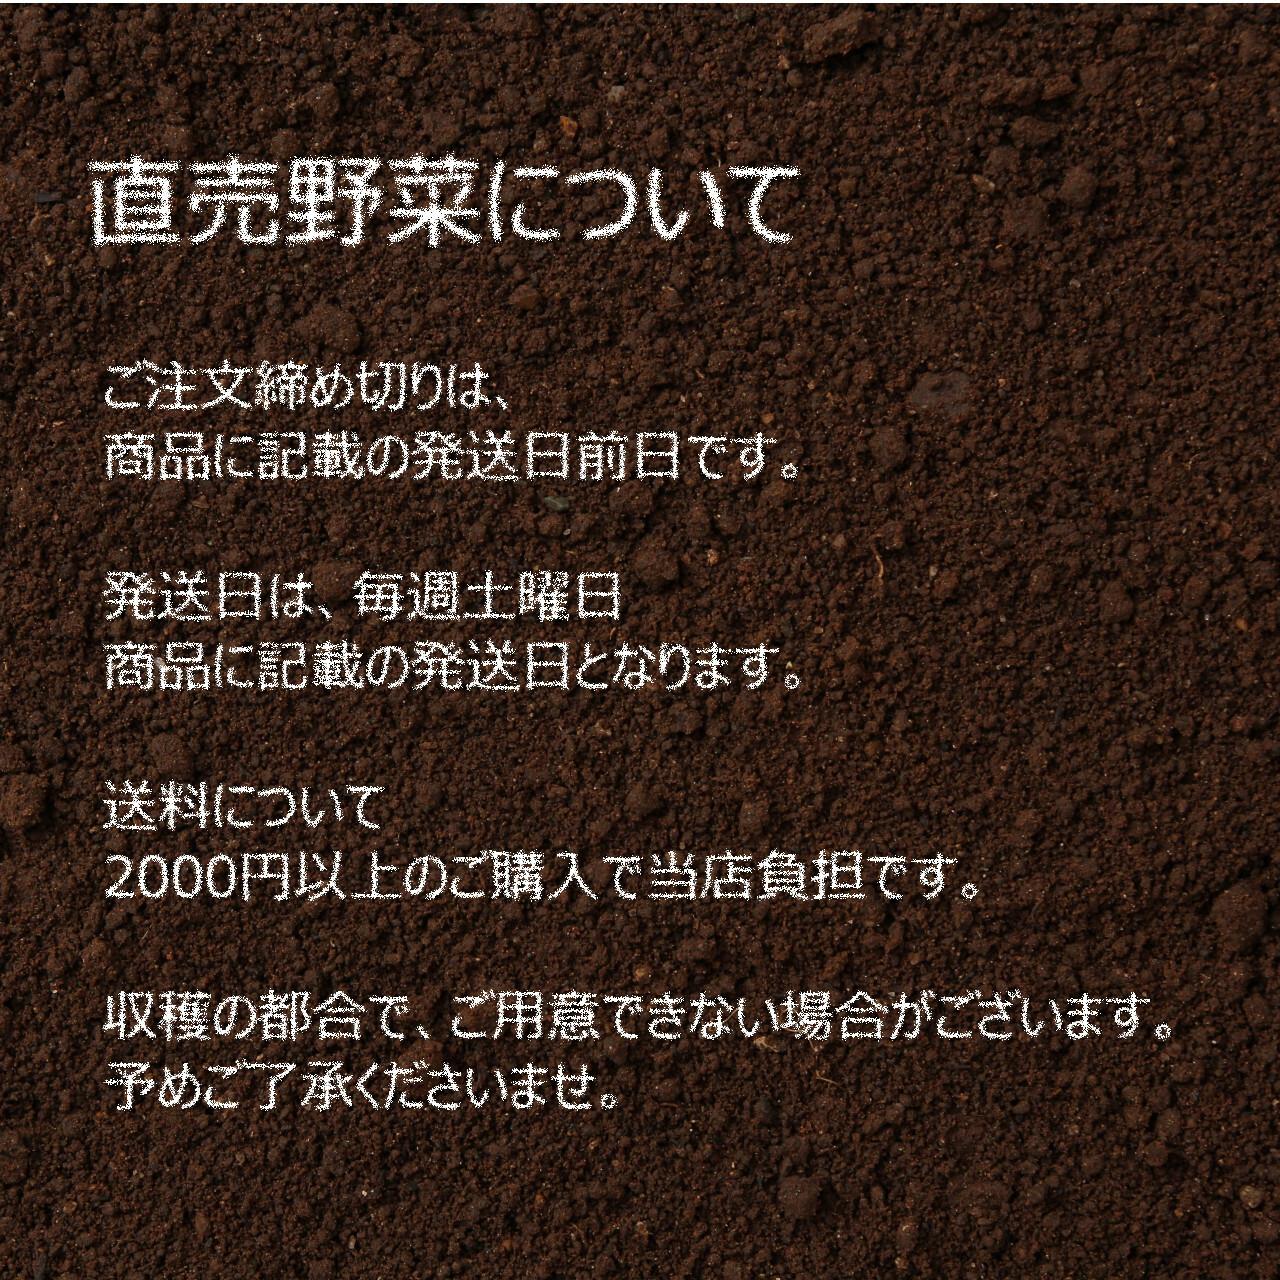 新鮮な秋野菜 : 里芋 約400g 9月の朝採り直売野菜 9月14日発送予定